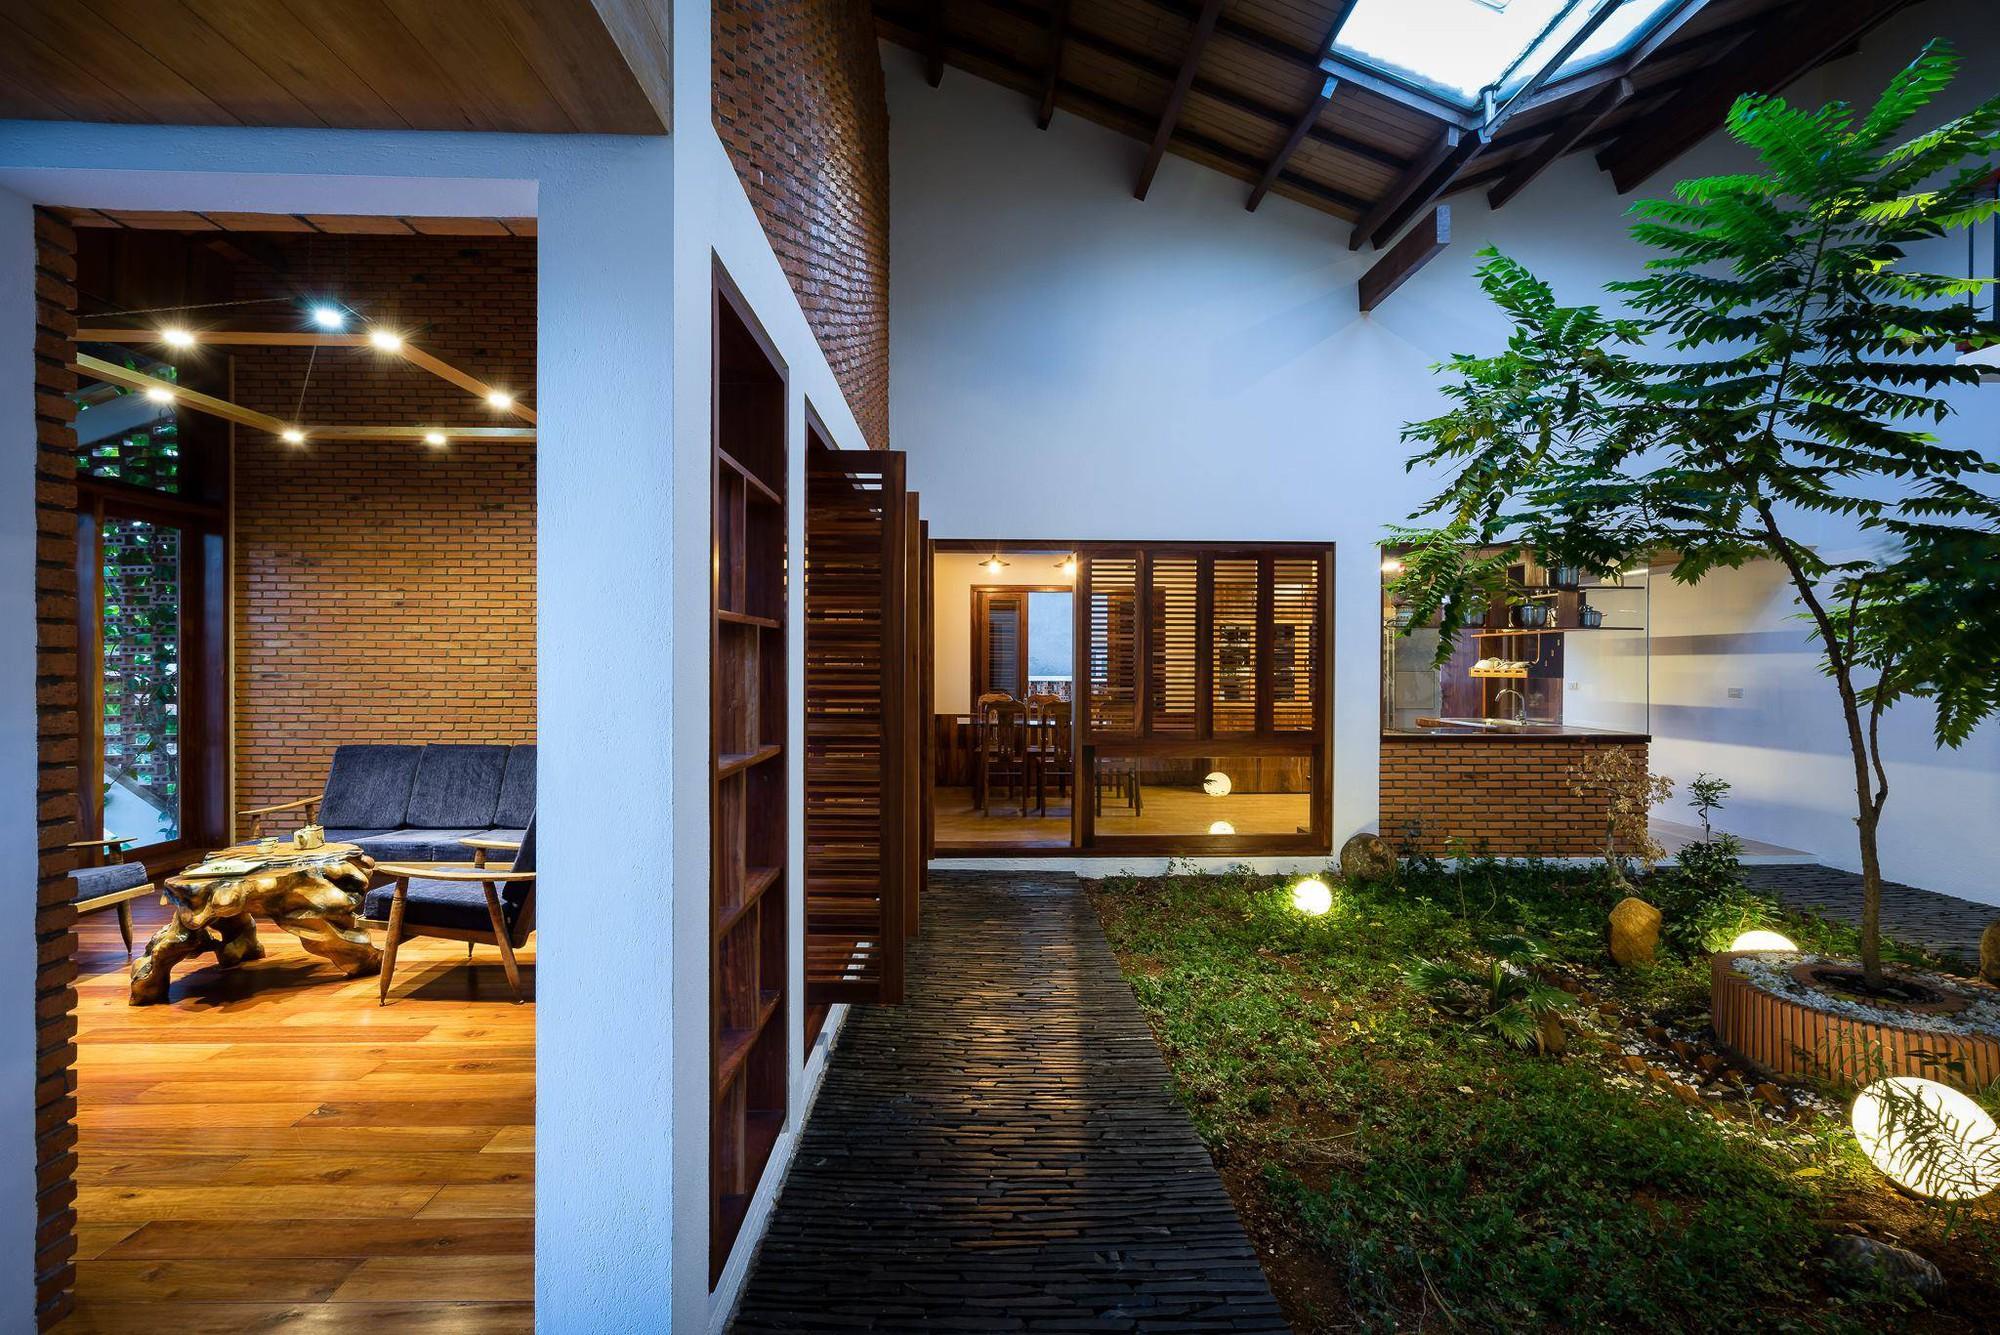 nha-dep-17-1531708744886598037393 Ngôi nhà mái ngói cấp 4 đẹp như resort khiến nhiều người ước mơ ở Lâm Đồng